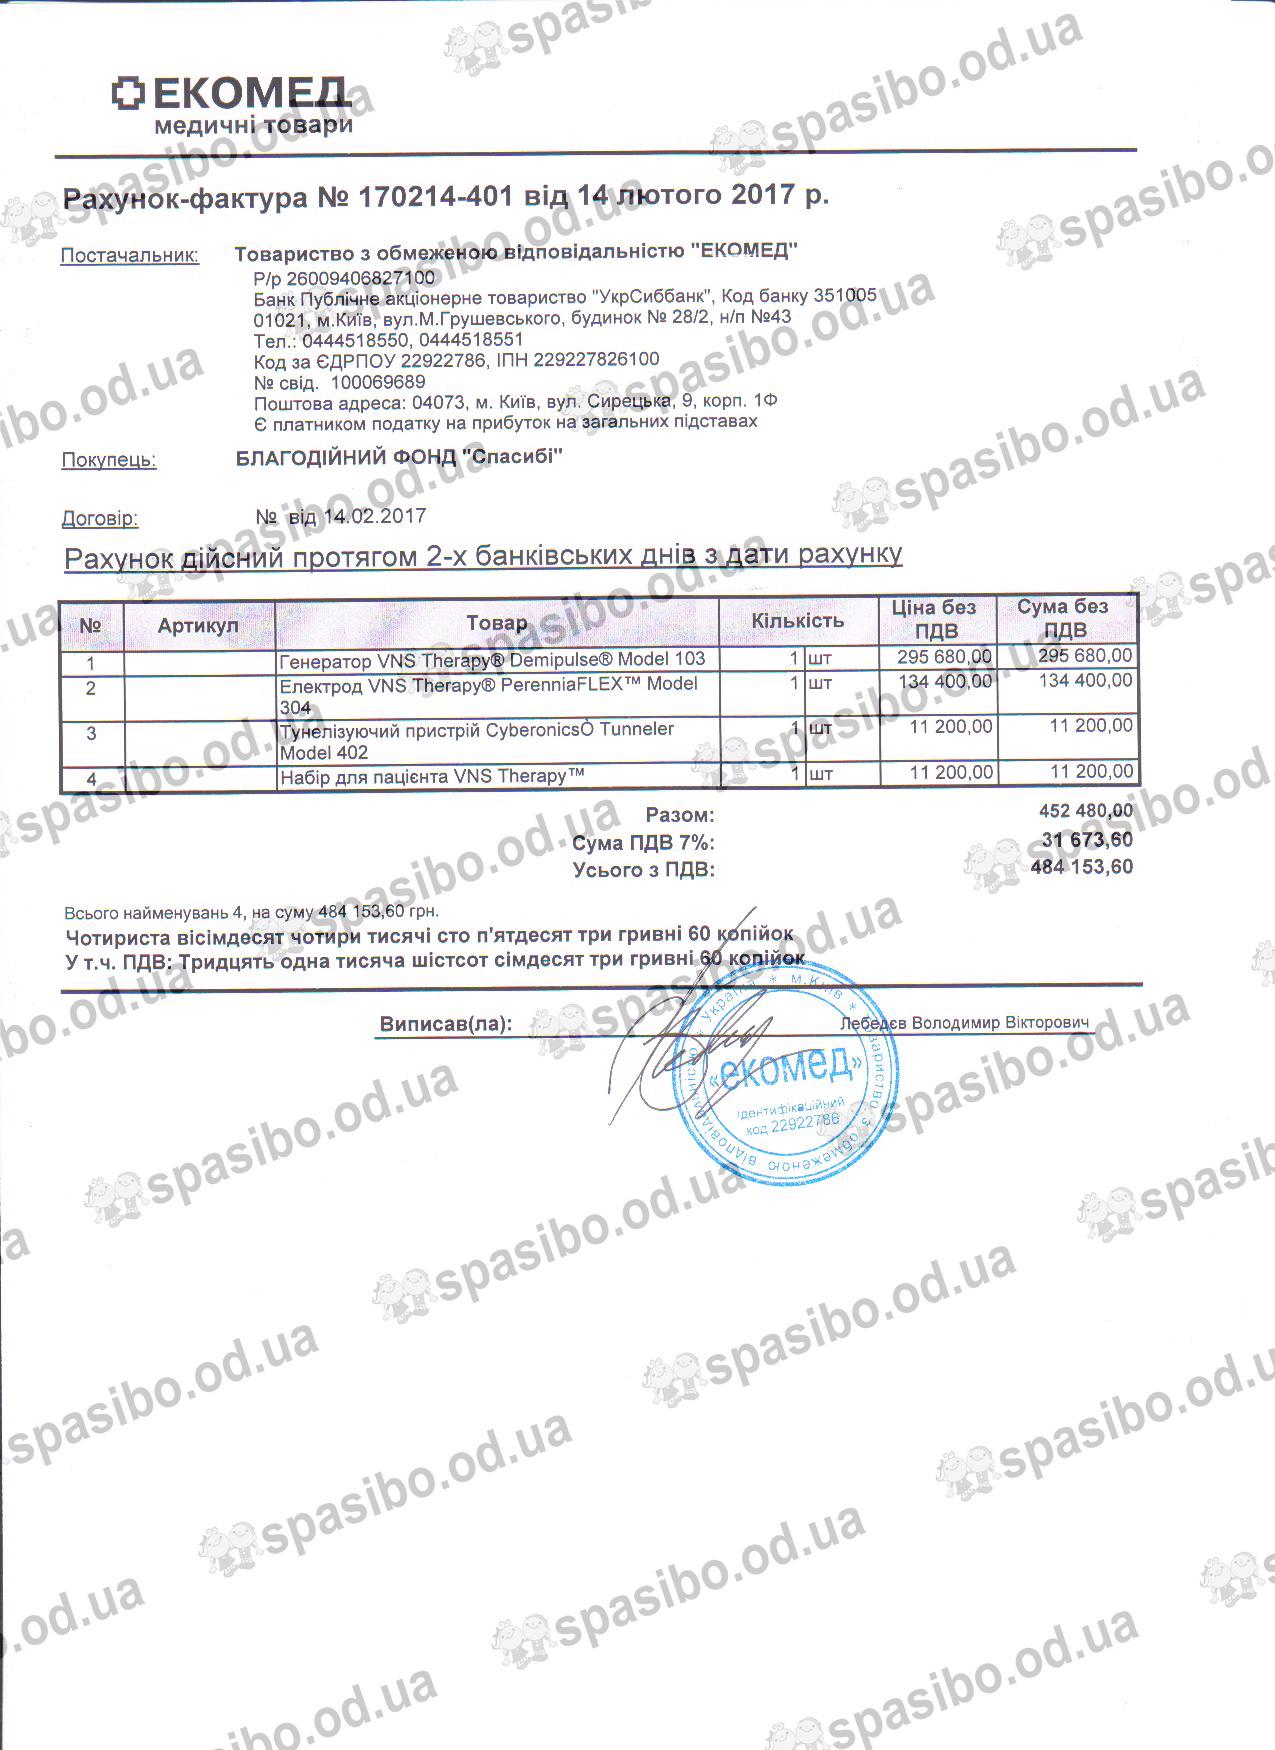 Рахунок № 170217-401 від 14.02.2017